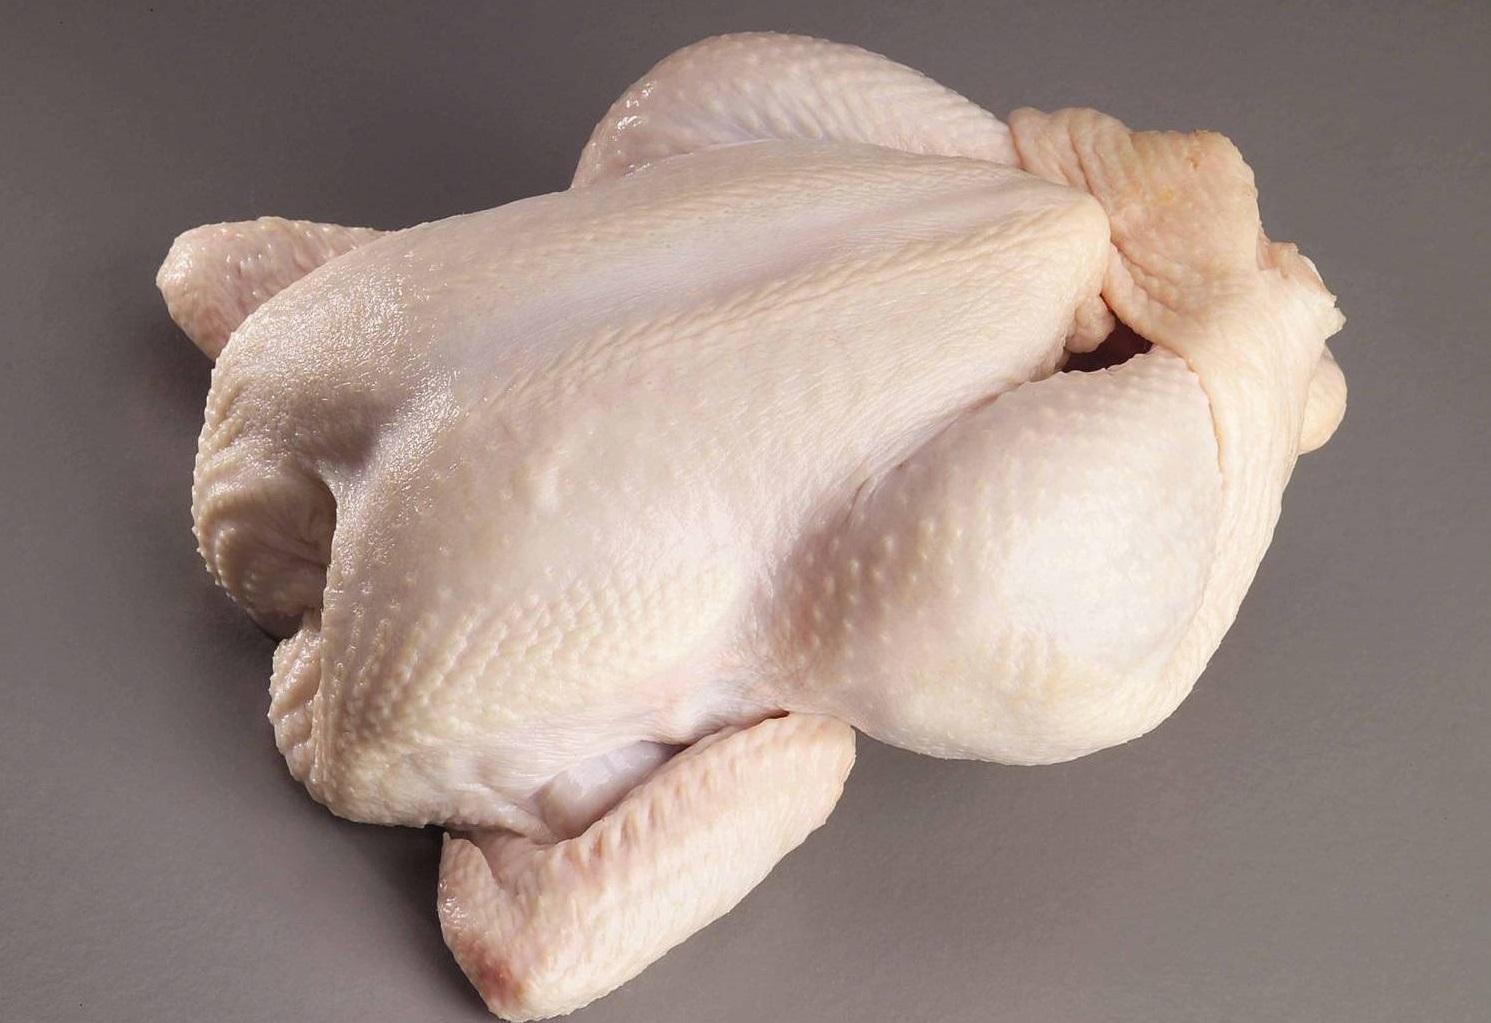 شایعات فضای مجازی، تهدیدی برای امنیت غذایی/ هیچ کجای دنیا مرغ هورمونی تولید نمیشود